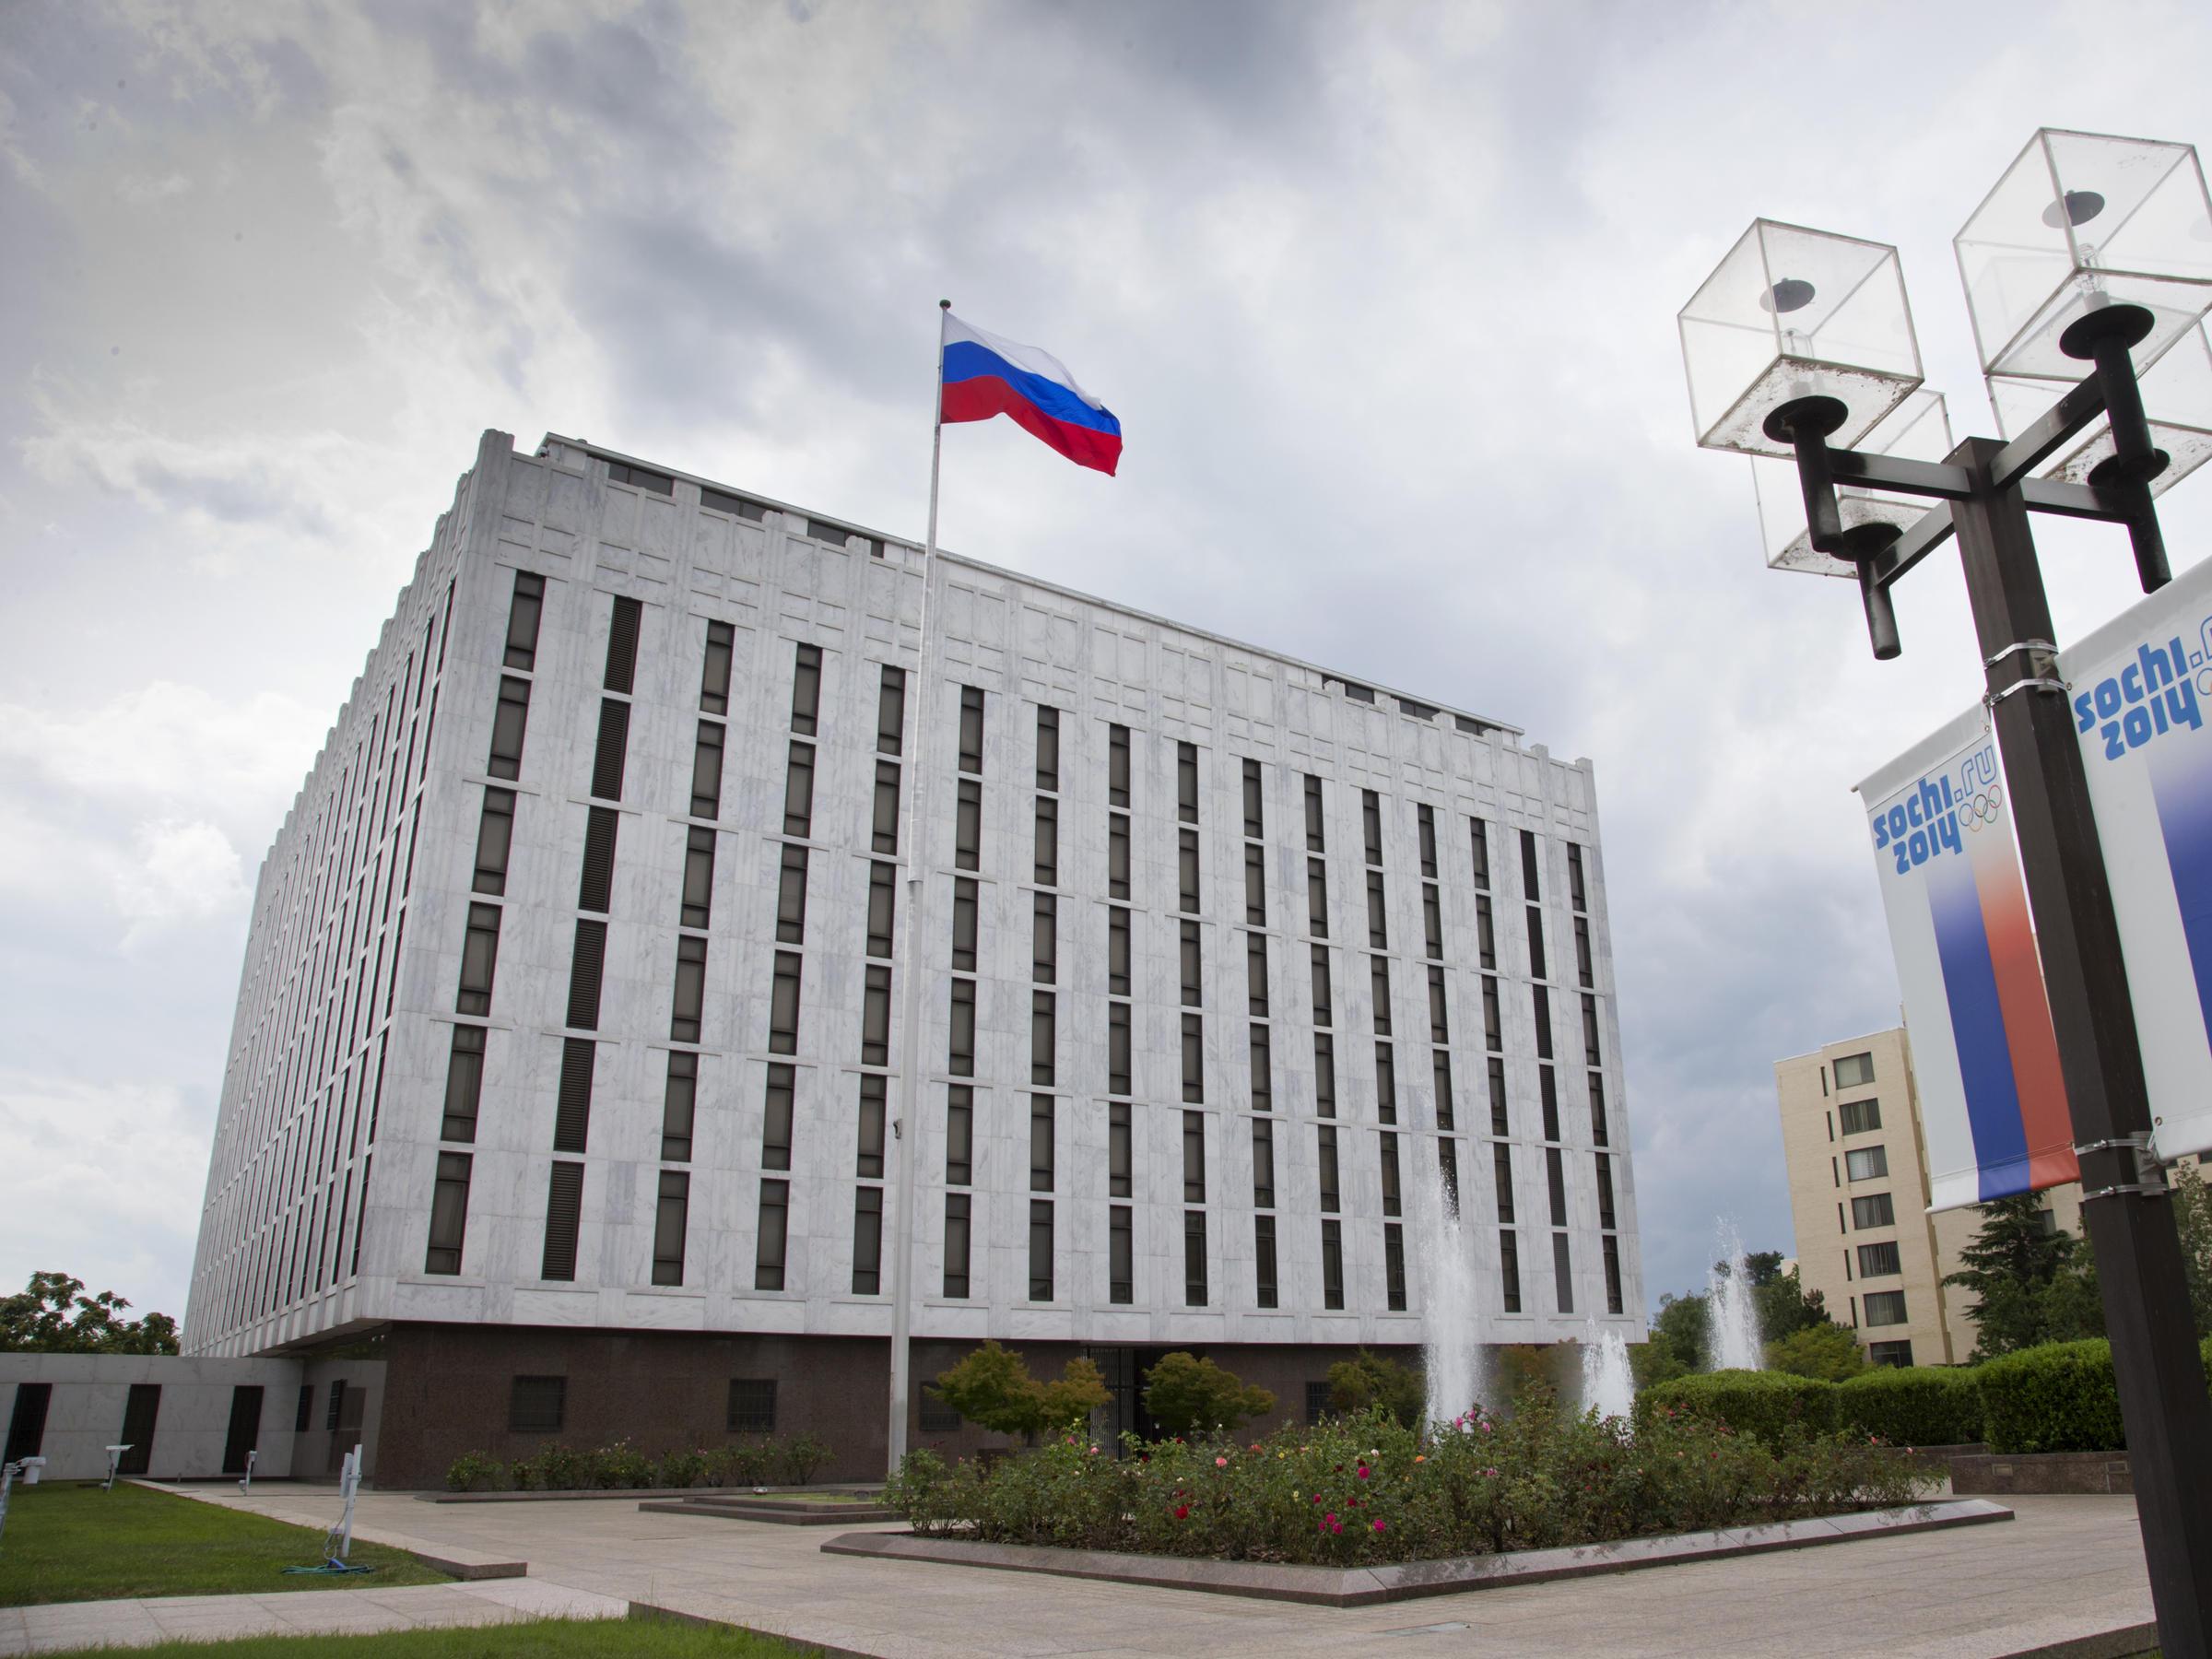 СМИ: Вашингтон может потребовать закрыть российское генконсульство в США